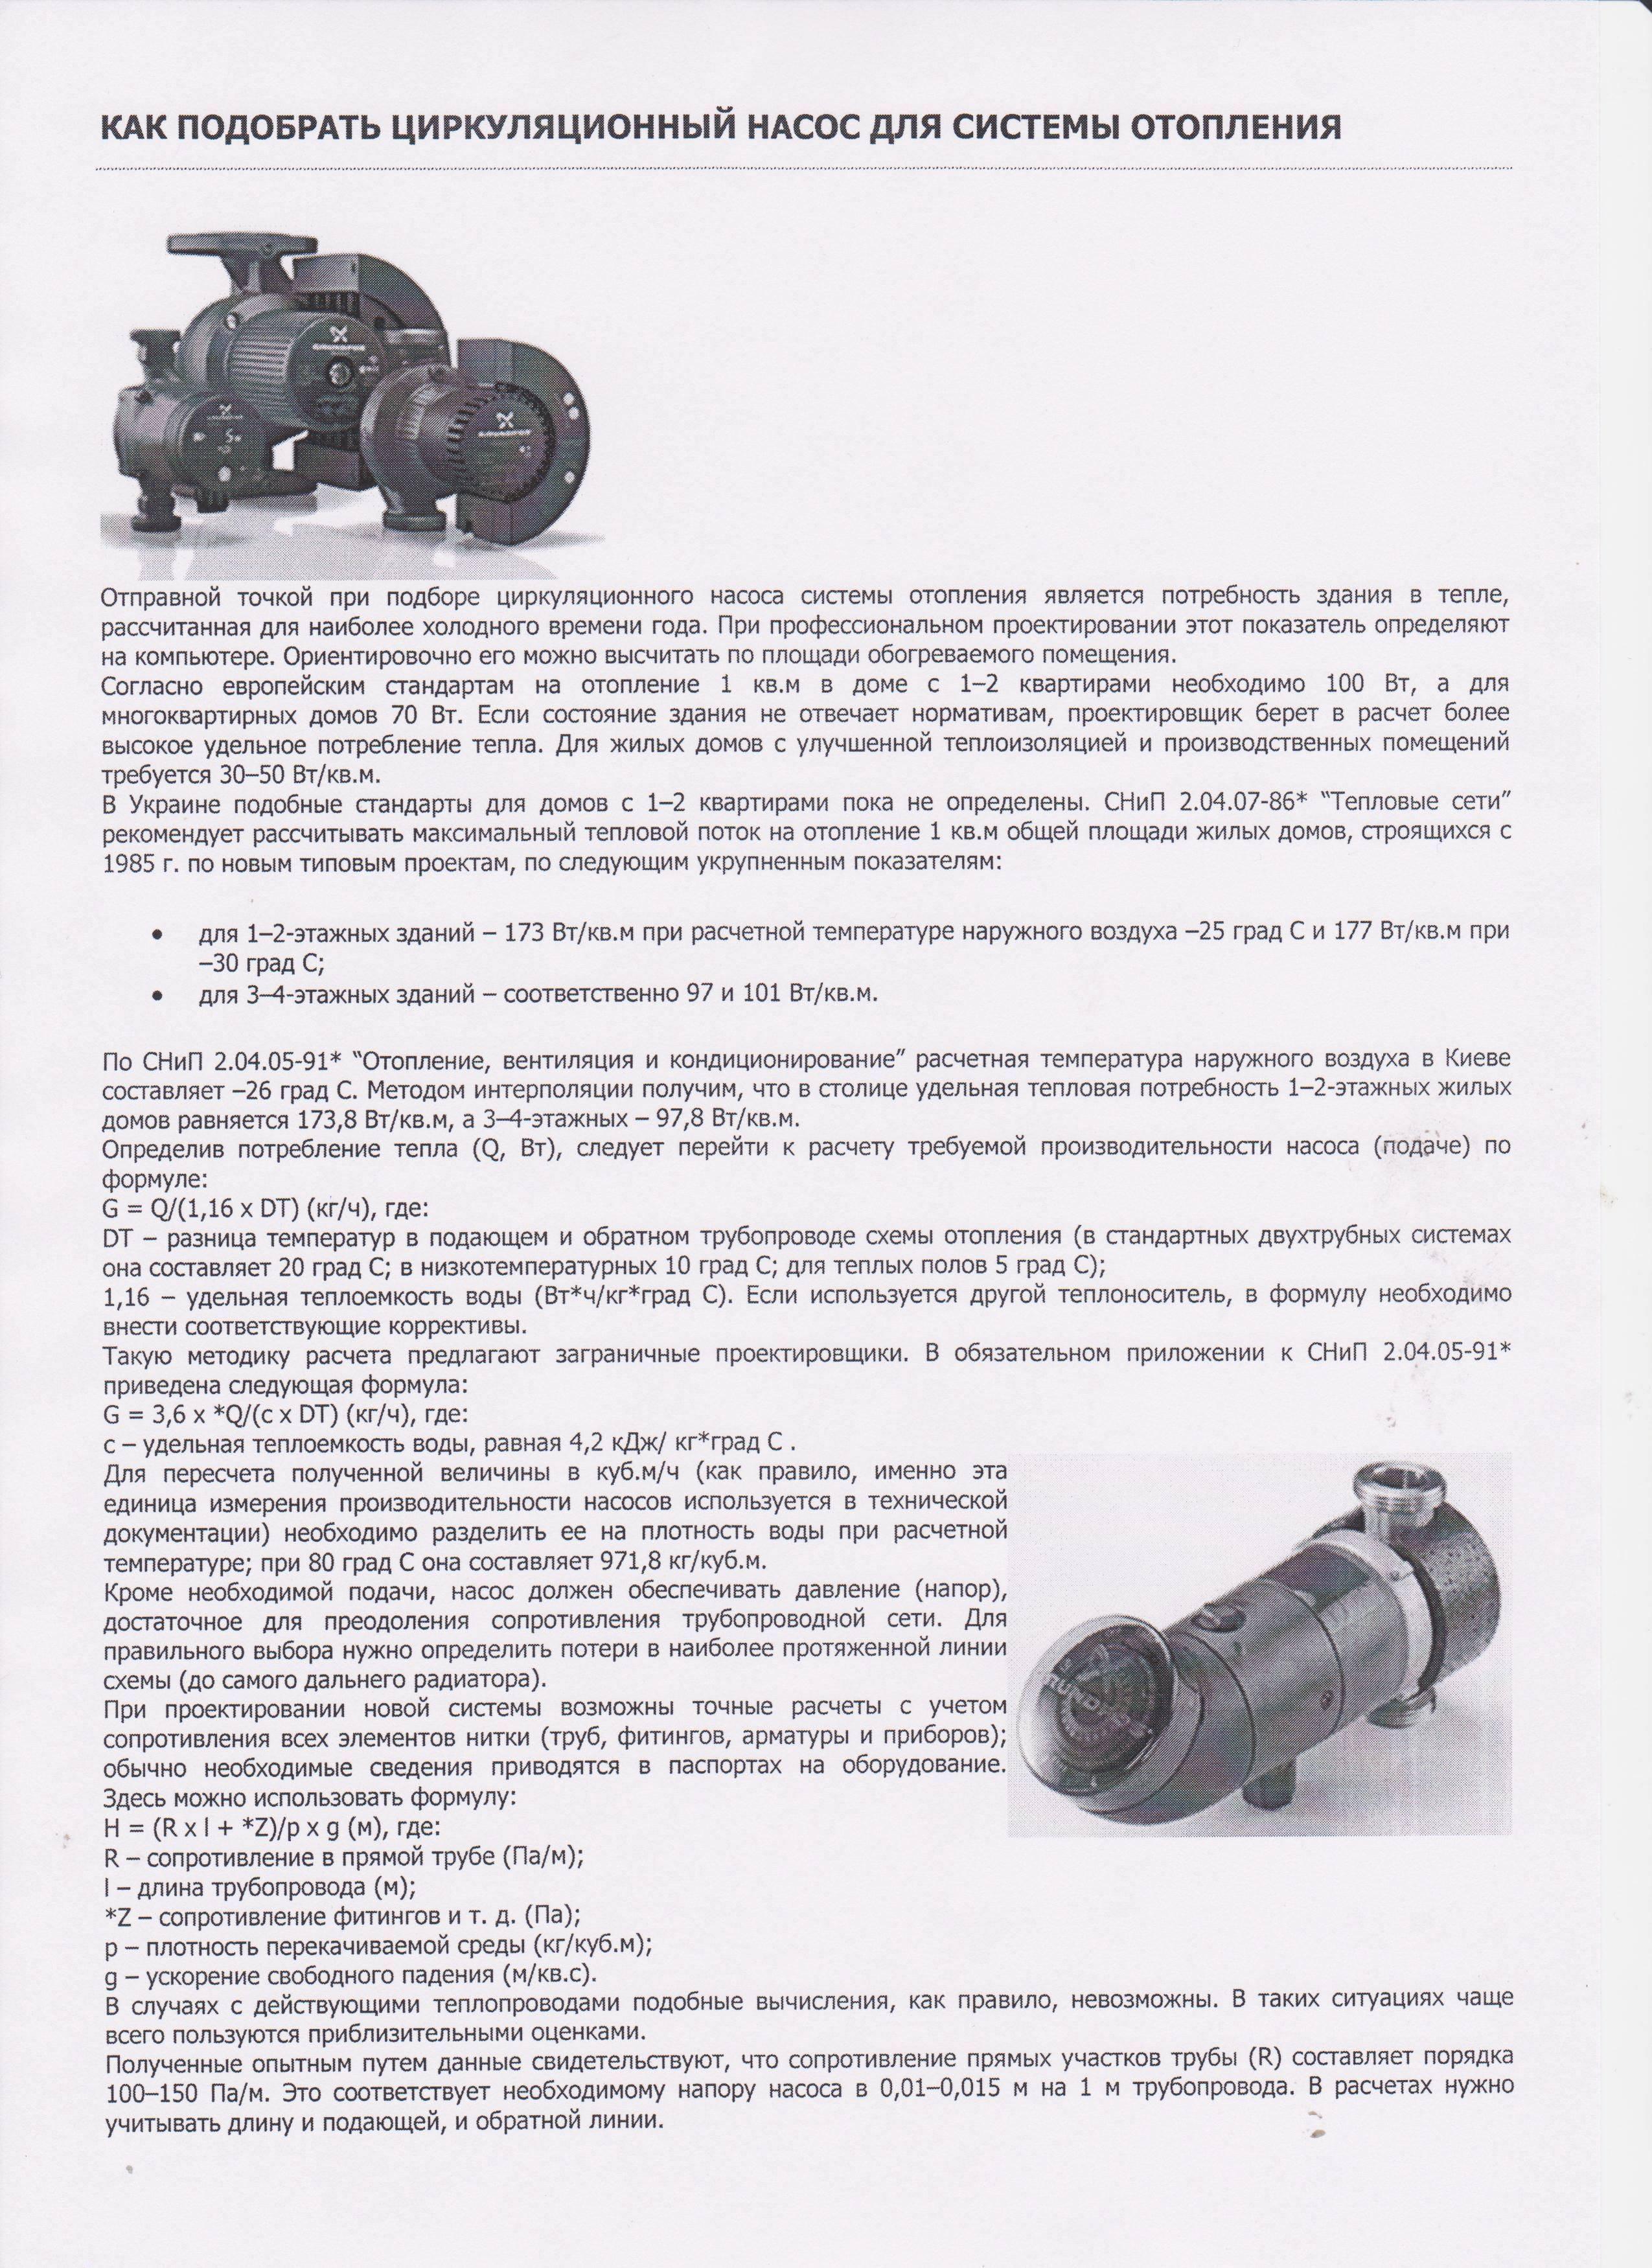 Подбор циркуляционного насоса - расчет мощности, производительности, напора и другиие характеристики